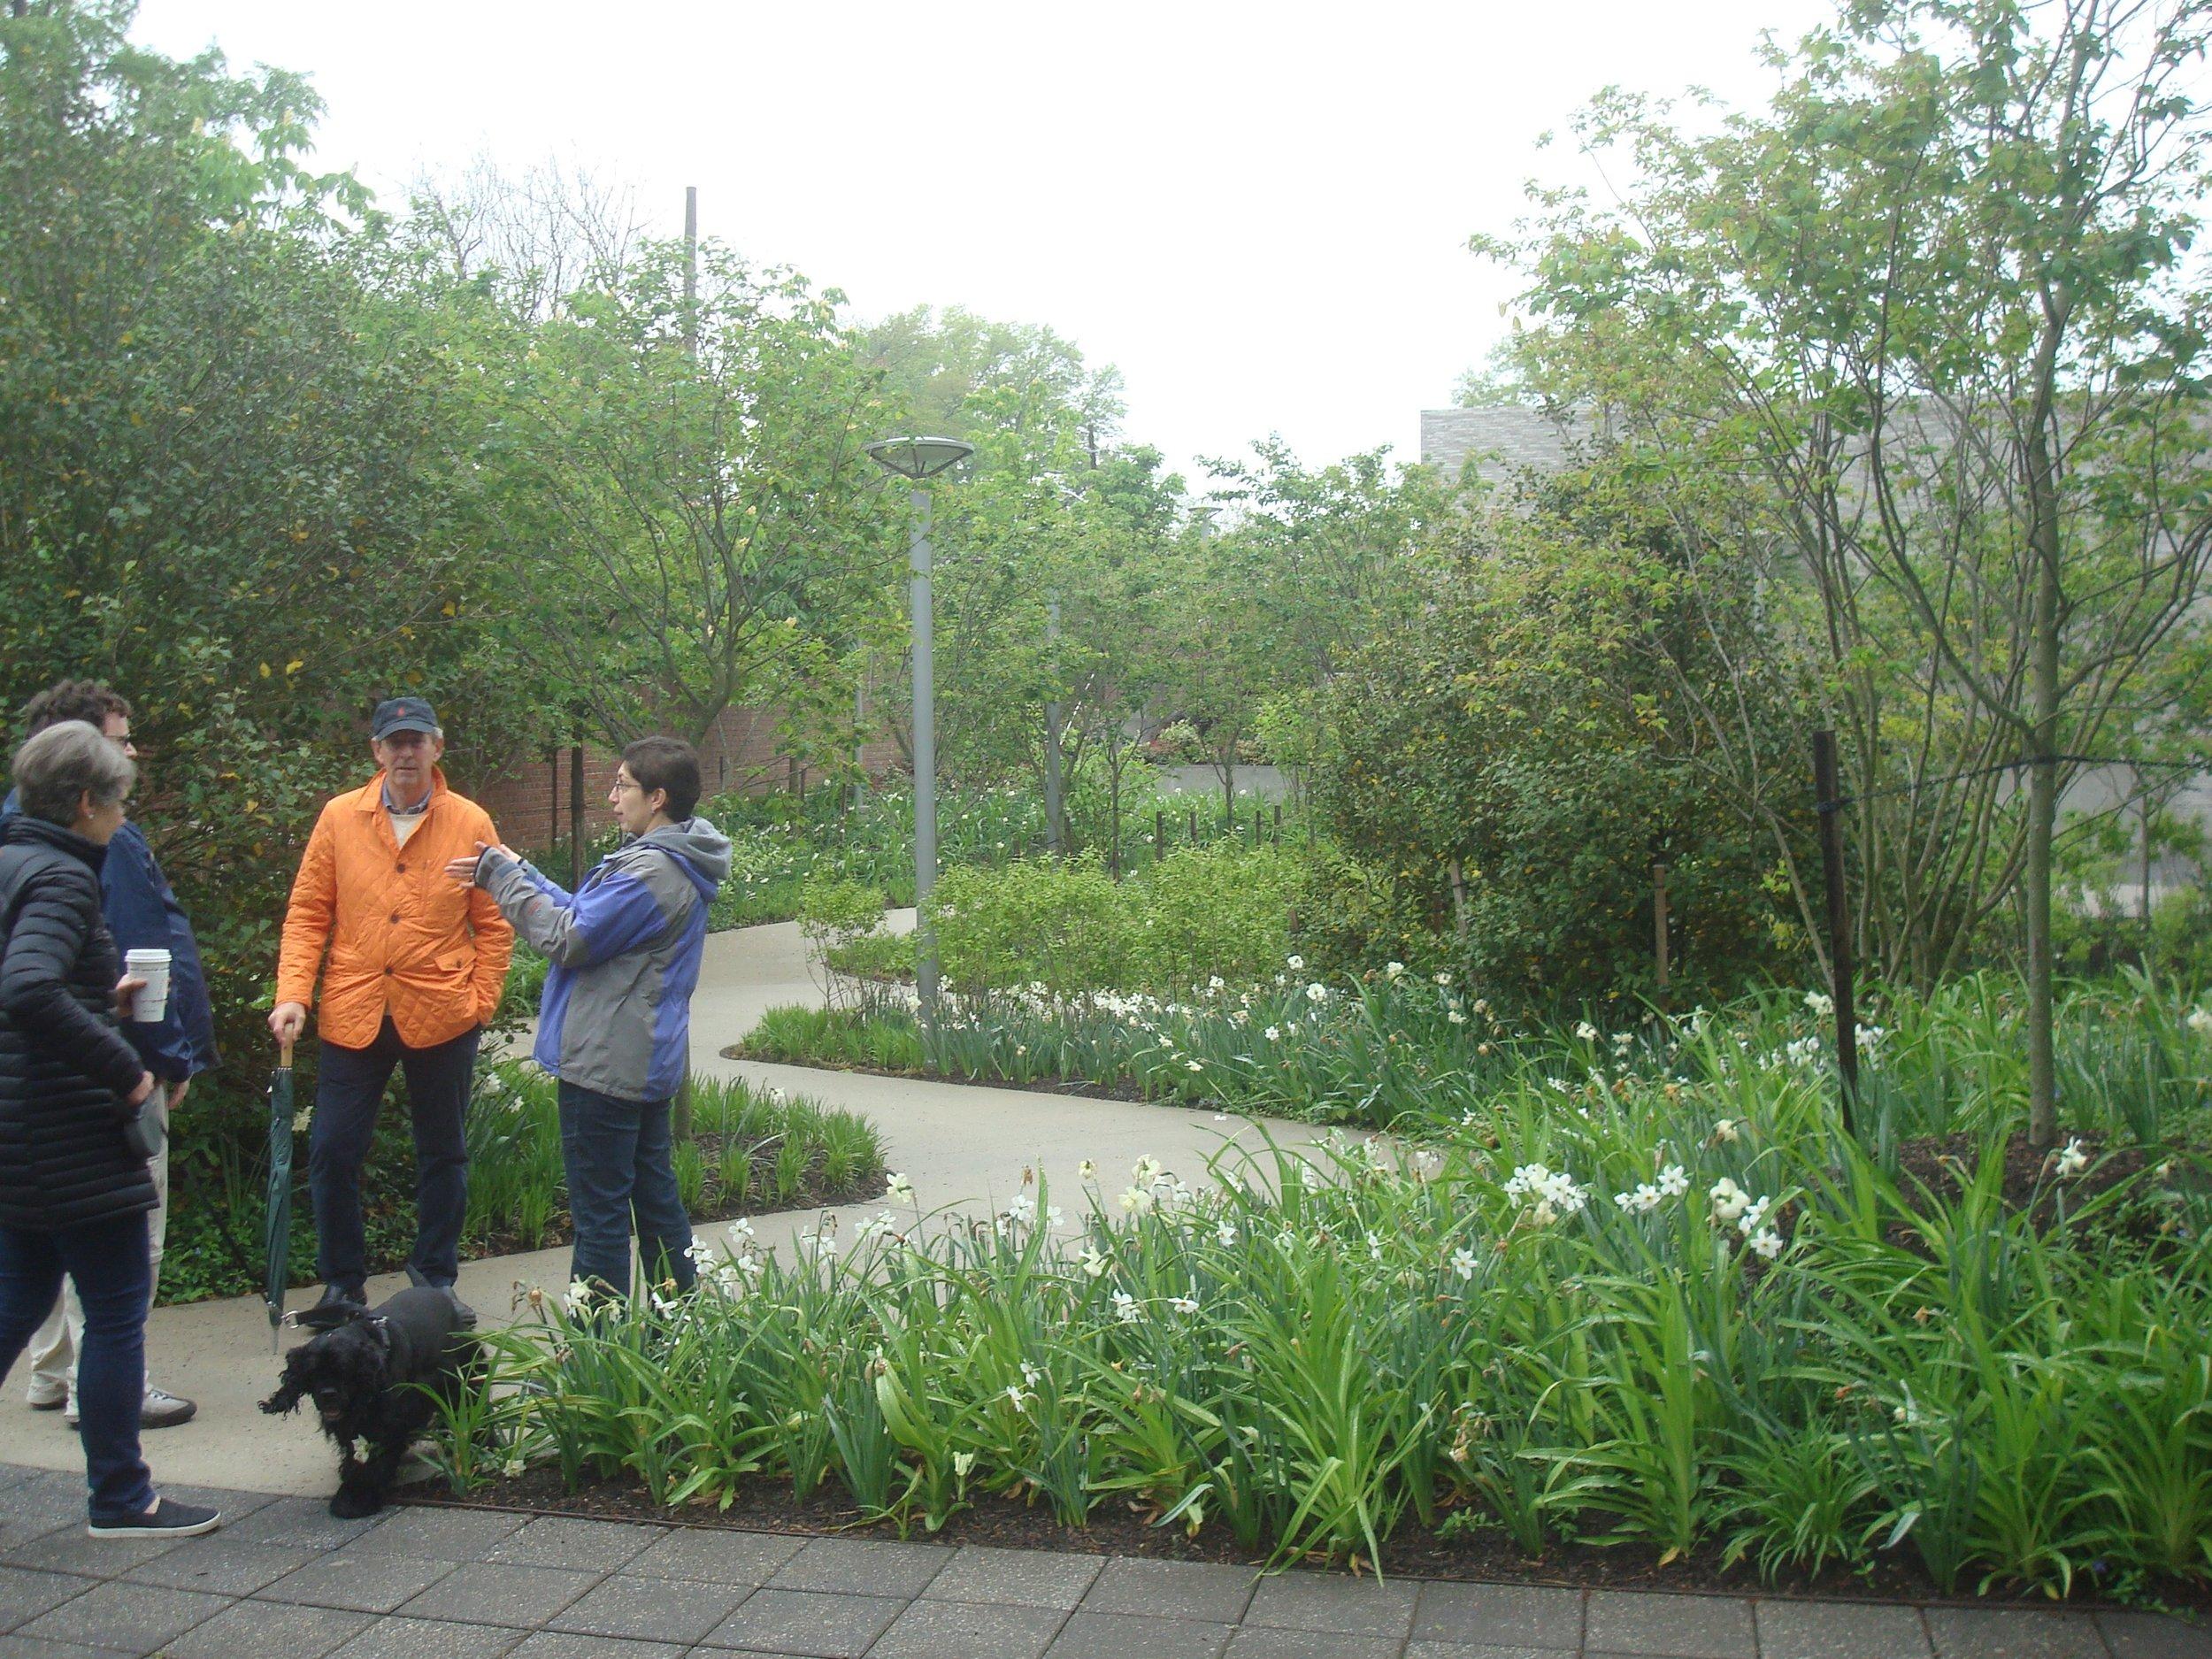 Exploring walking paths on the Princeton 'Jane Jacobs Walk'.